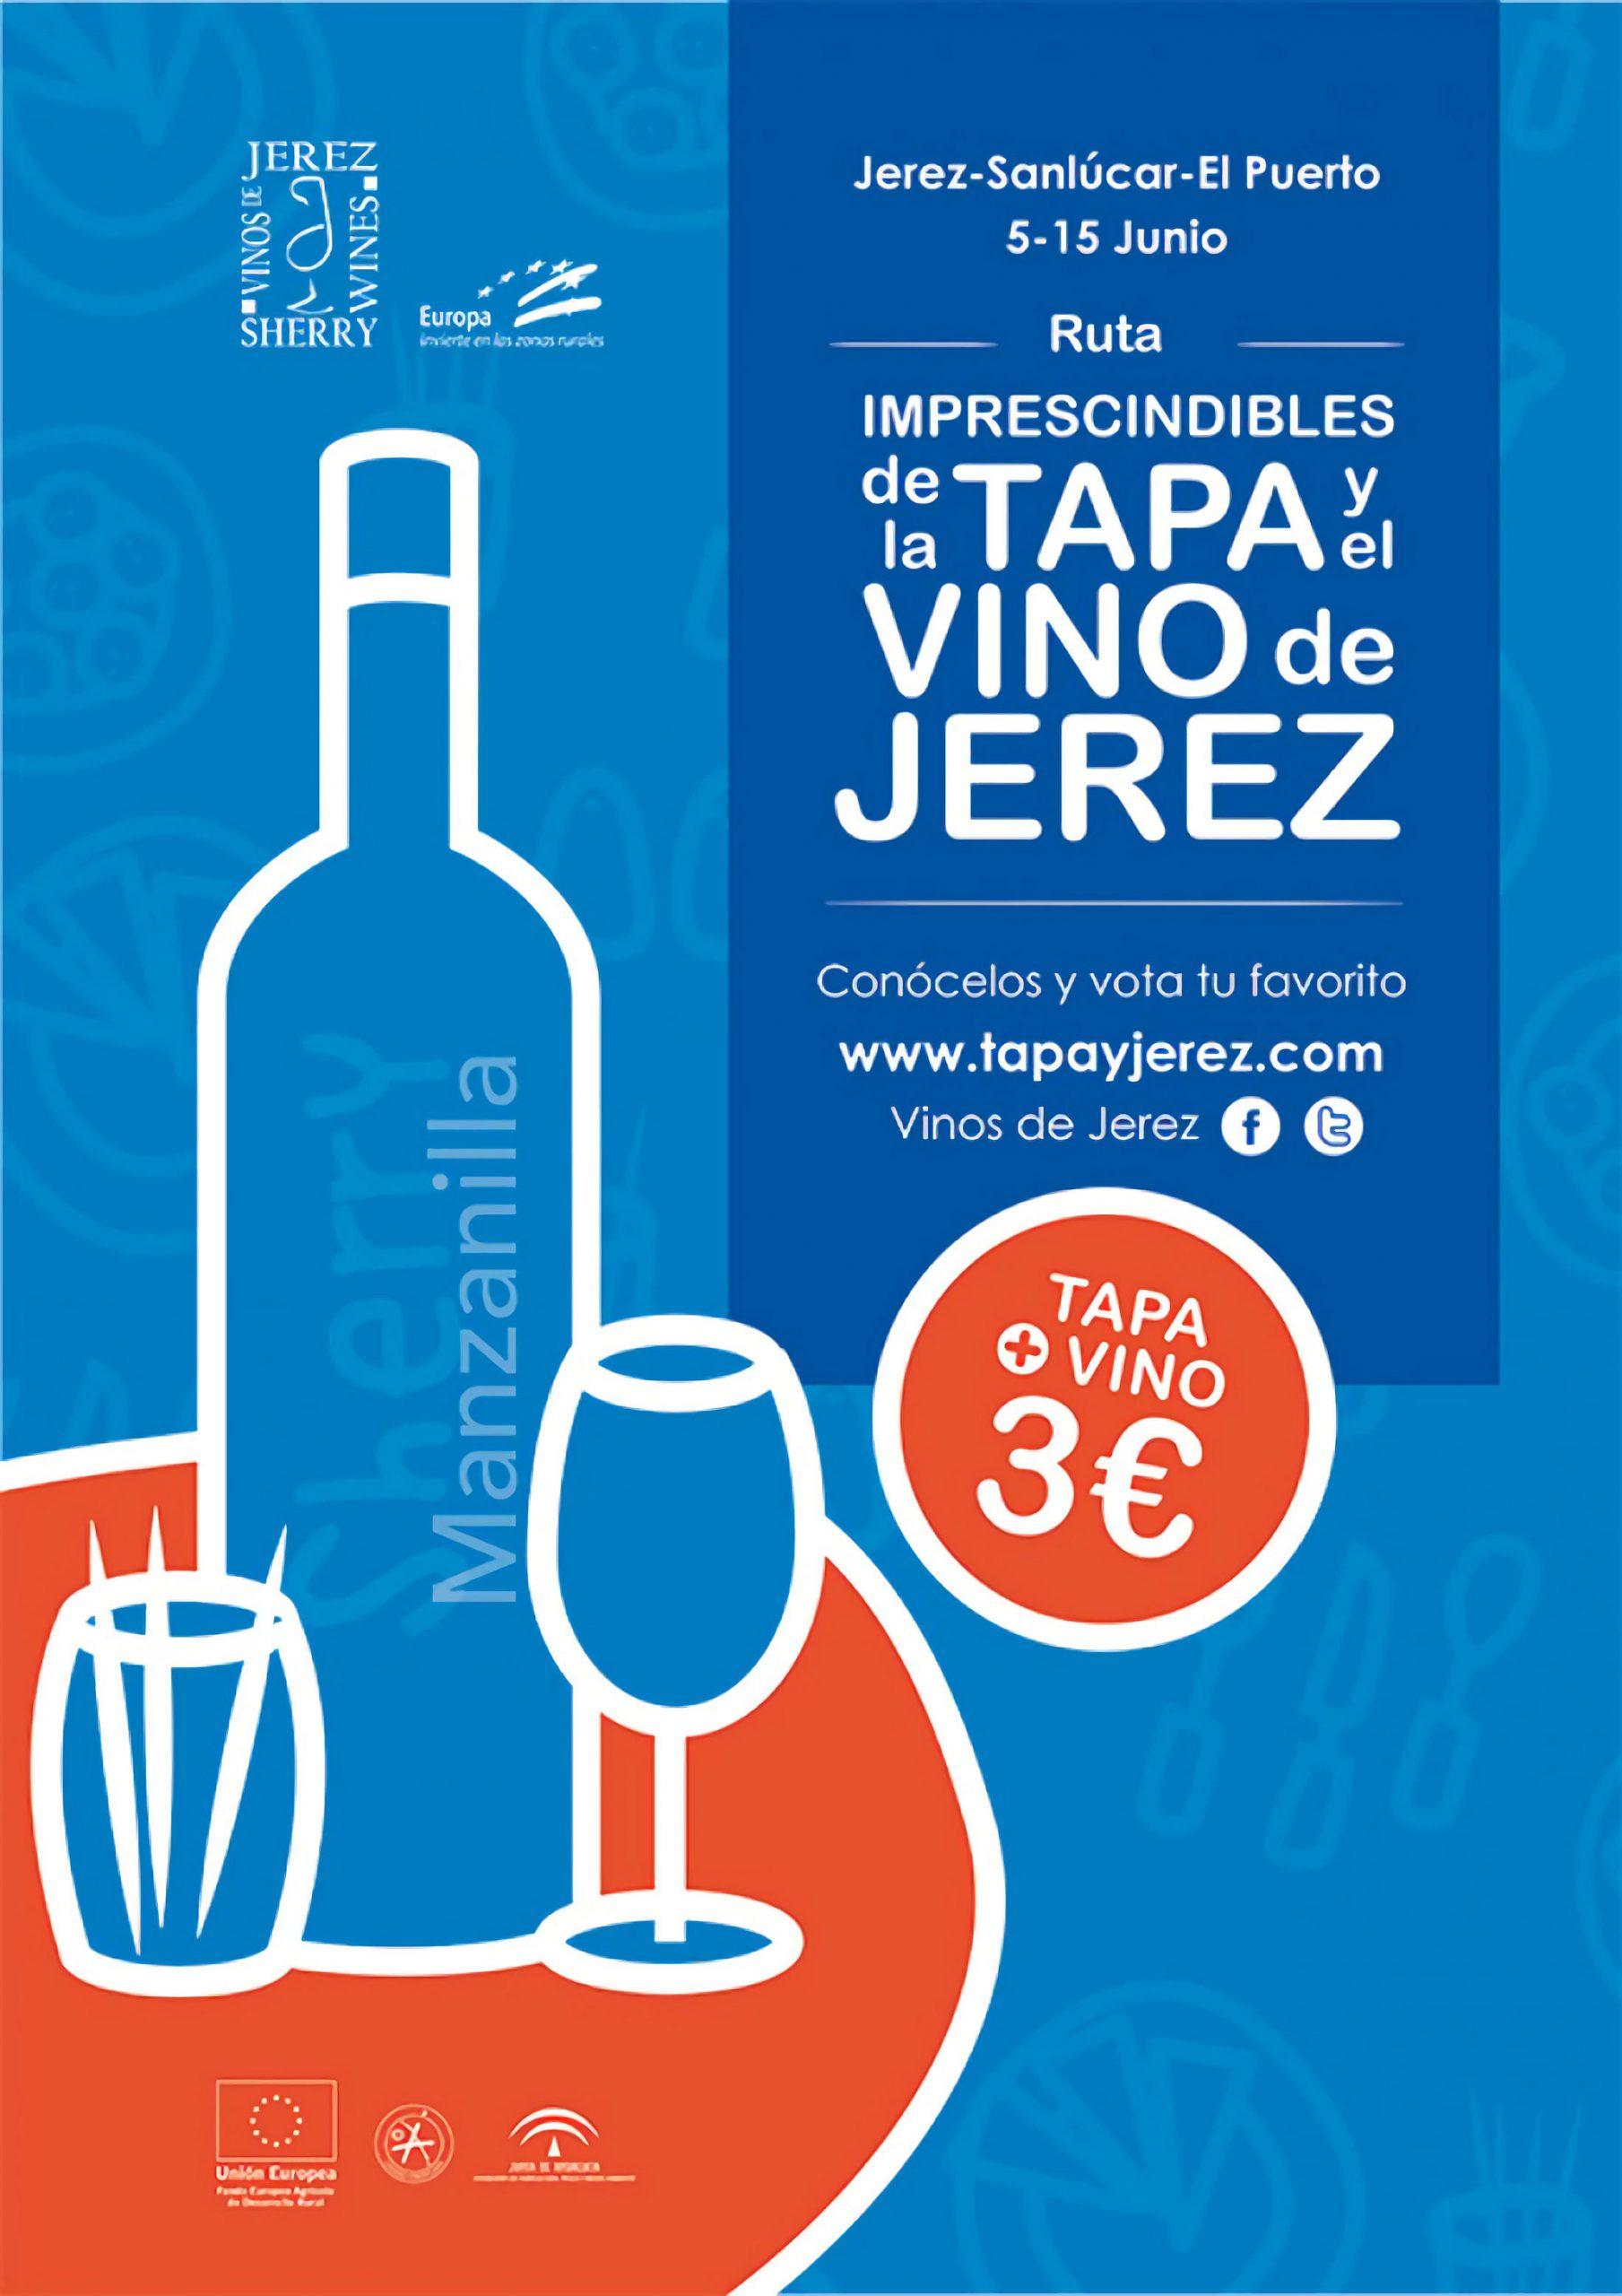 Los 30 establecimientos Imprescindibles de la Tapa y el Vino de Jerez